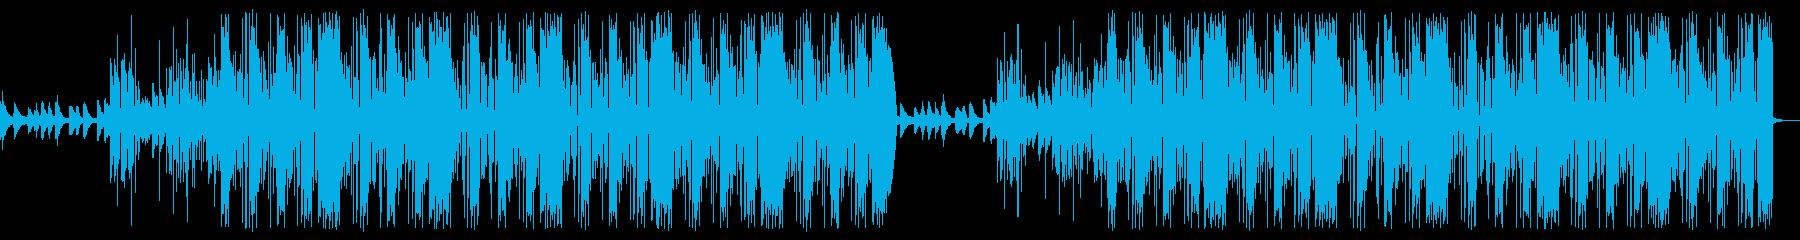 さすらいの一匹狼トラップビート曲の再生済みの波形